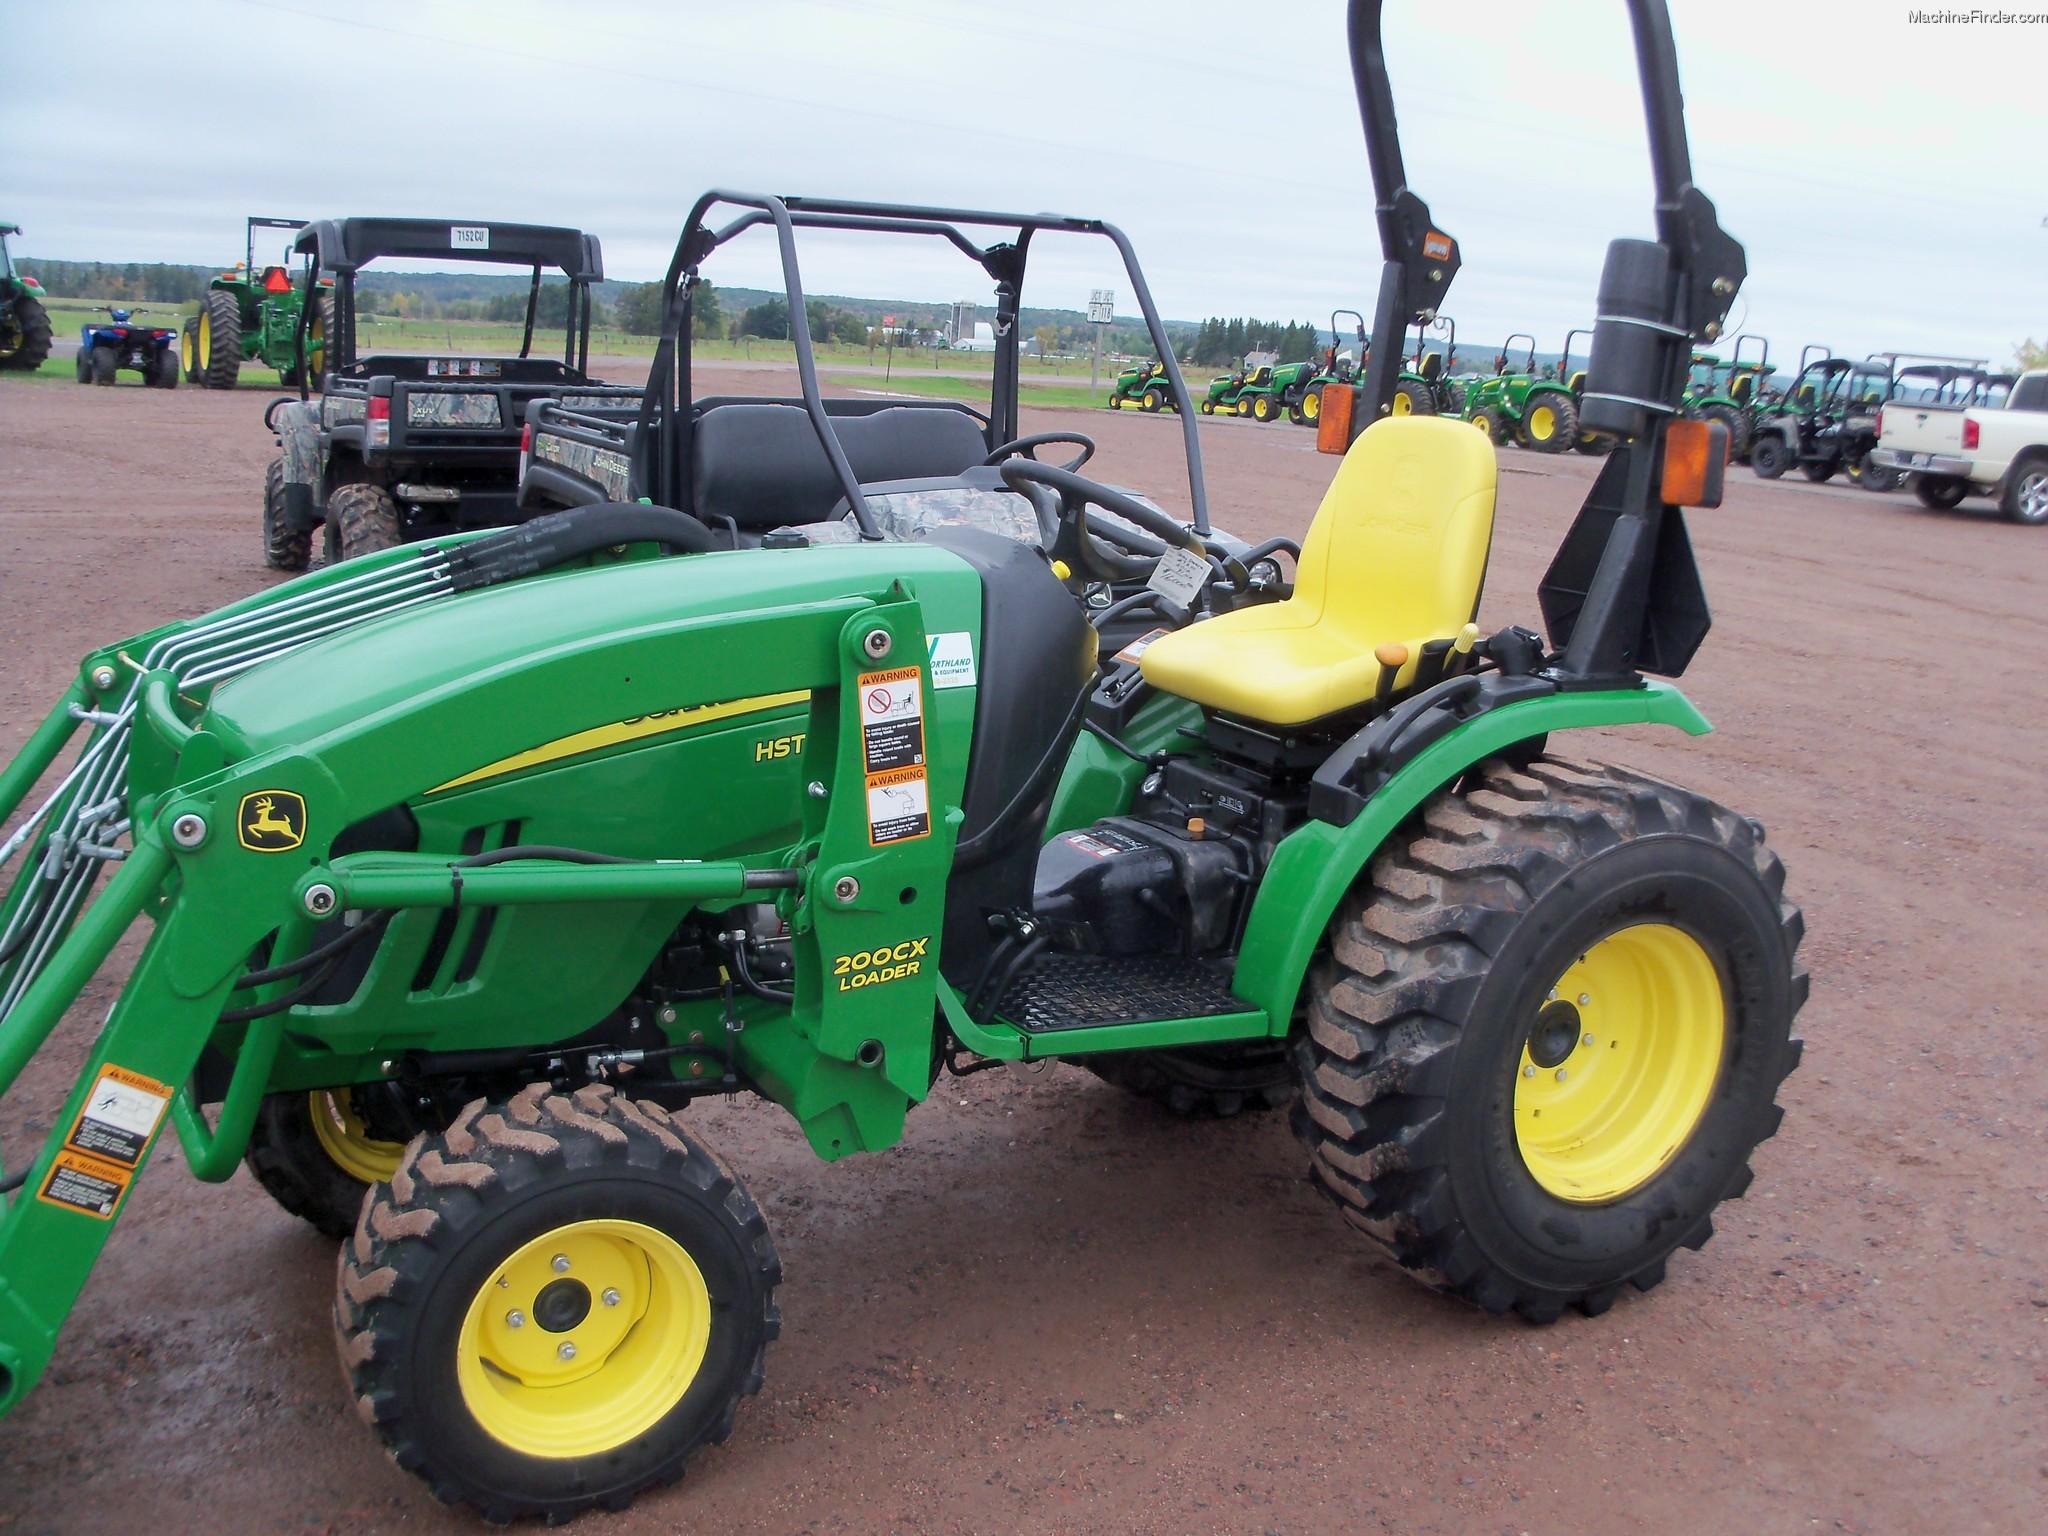 2011 John Deere 2720 CUT Tractors - Compact (1-40hp ...